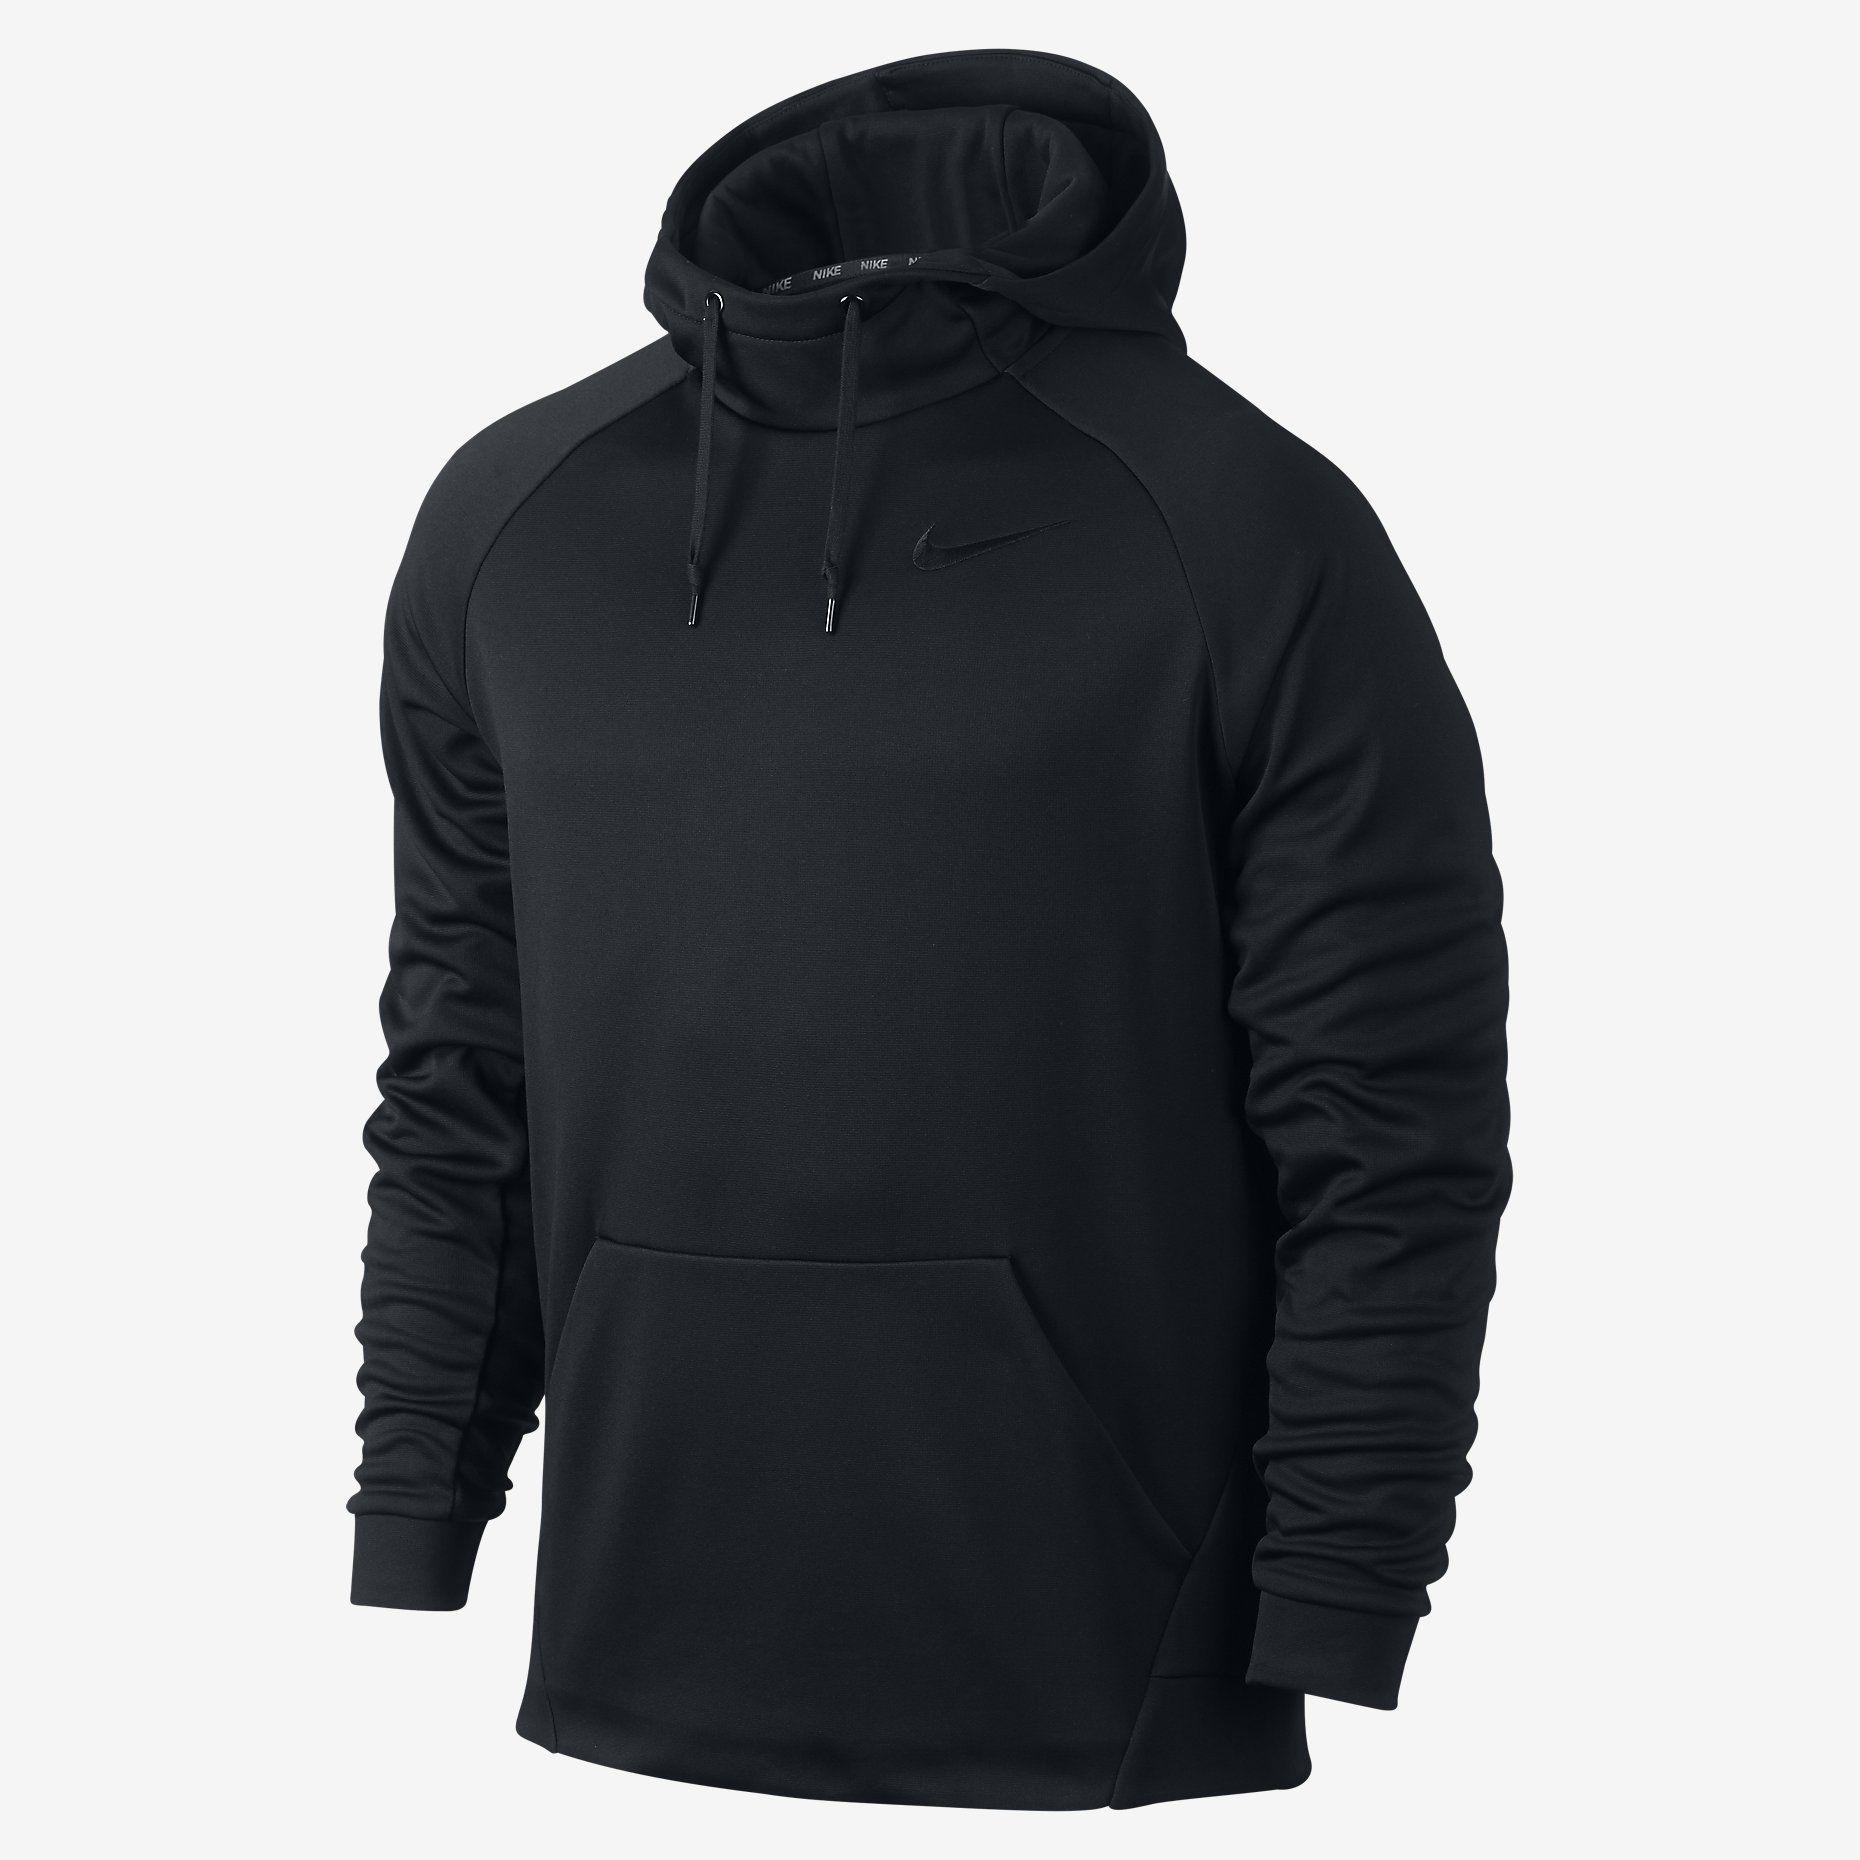 The Nike Therma Pullover Men S Training Hoodie Hoodies Nike Long Sleeve Nike Men [ 1860 x 1860 Pixel ]